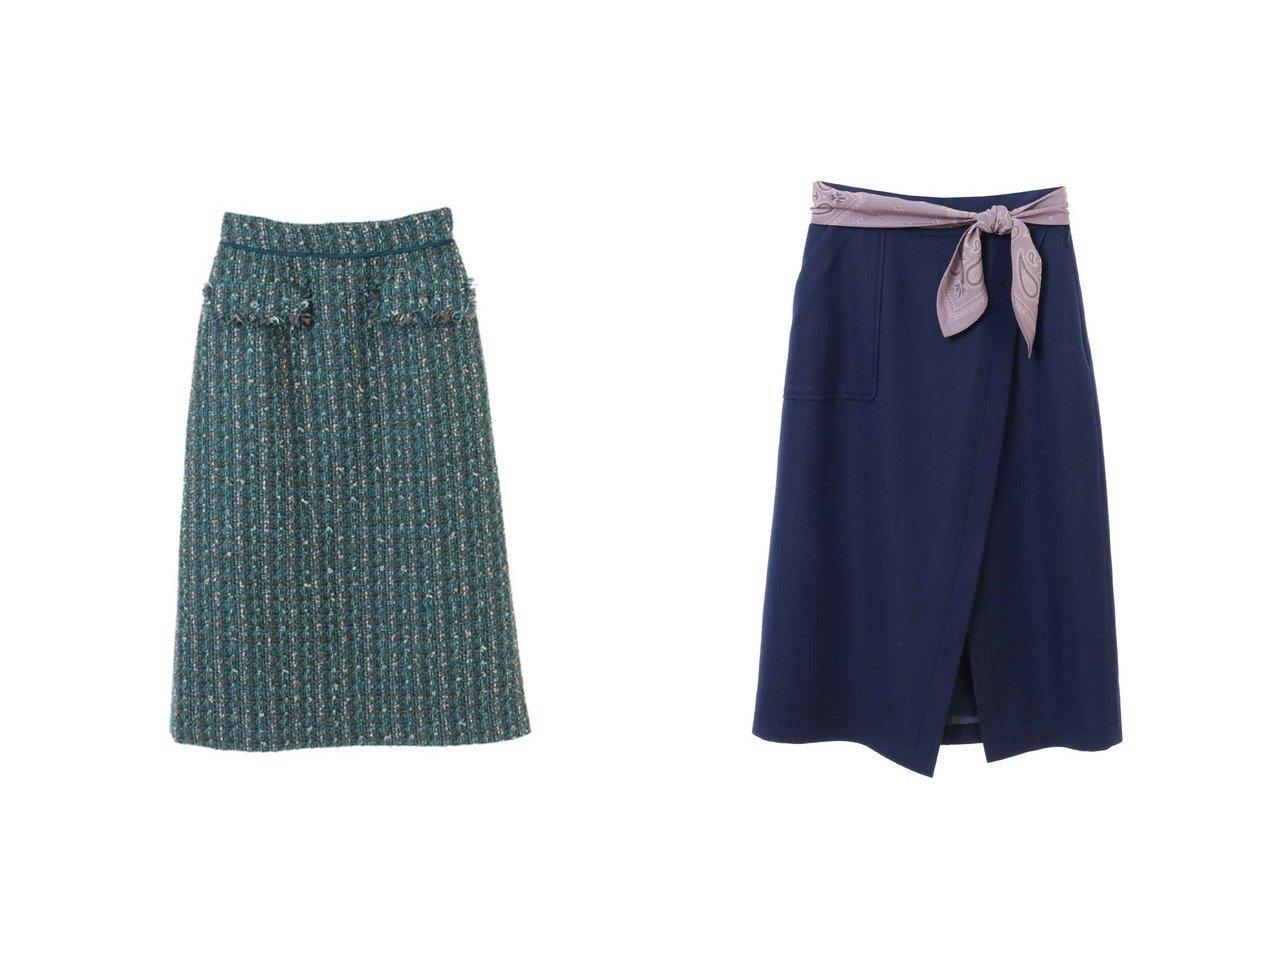 【31 Sons de mode/トランテアン ソン ドゥ モード】の【スカート】スカーフ付きタイトスカート&【スカート 】ツイードタイトスカート スカートのおすすめ!人気、レディースファッションの通販 おすすめで人気のファッション通販商品 インテリア・家具・キッズファッション・メンズファッション・レディースファッション・服の通販 founy(ファニー) https://founy.com/ ファッション Fashion レディース WOMEN スカート Skirt アクリル シンプル ツイード 冬 Winter スカーフ |ID:crp329100000001503